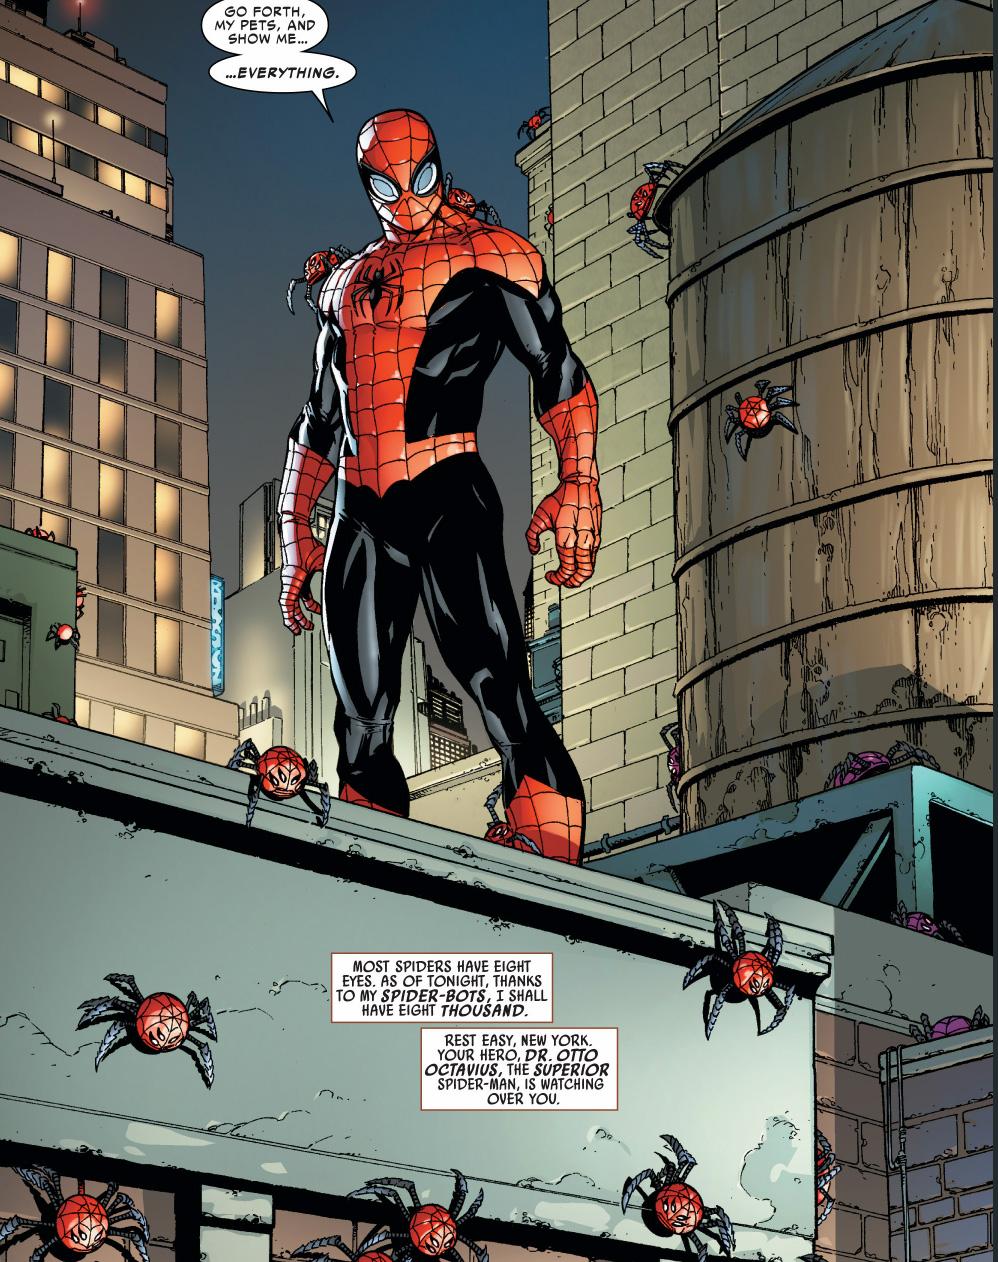 superior spider-man spiderbots